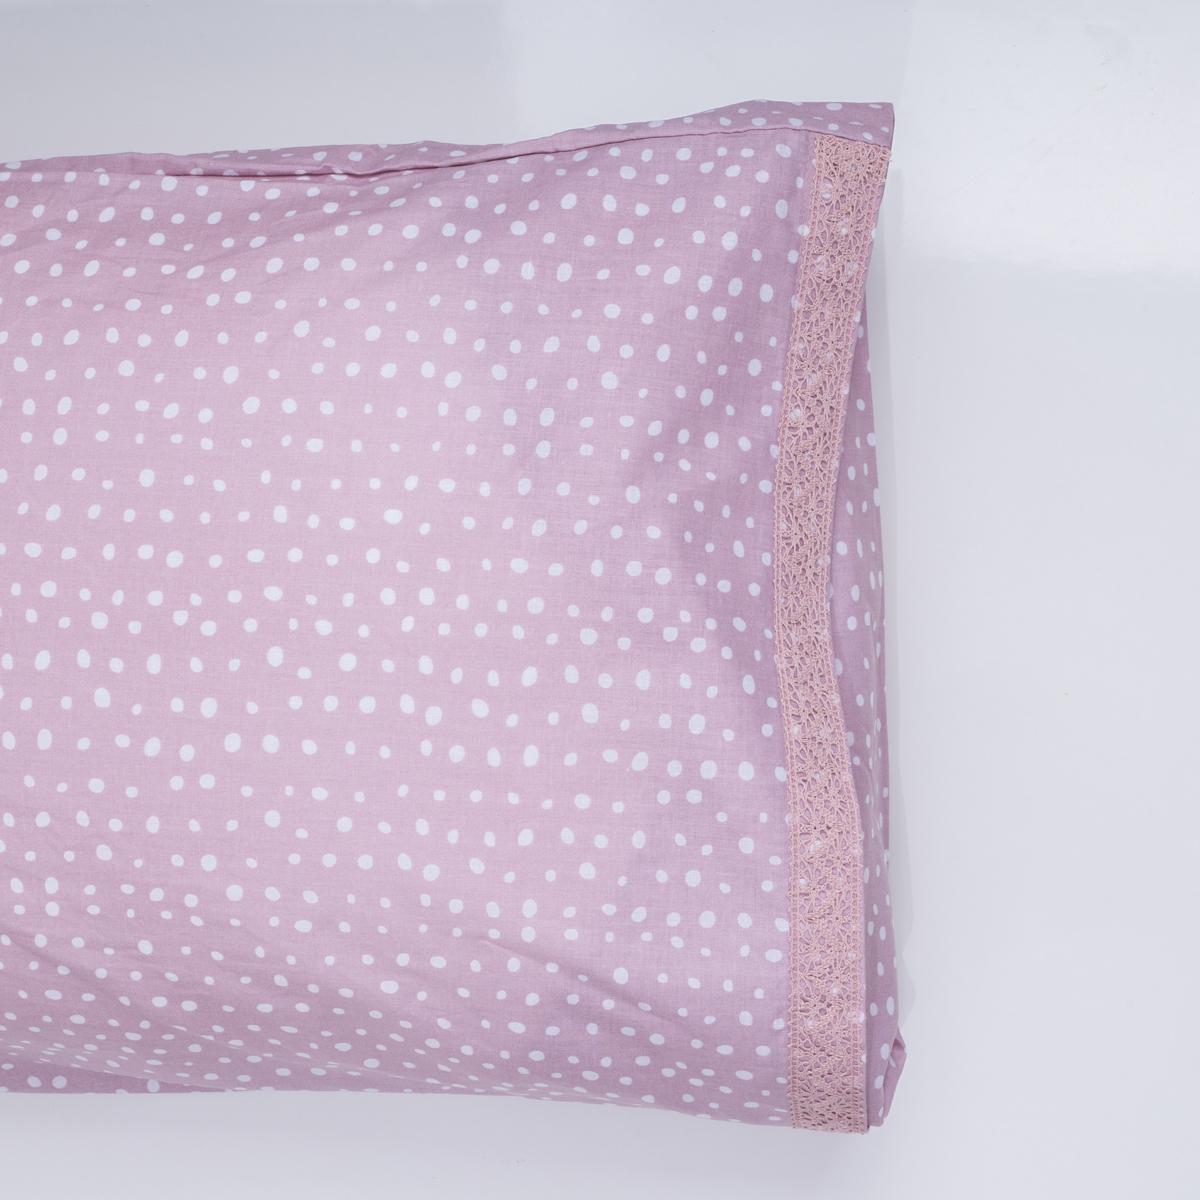 Ζεύγος Μαξιλαροθήκες White Fabric Dottie Pink